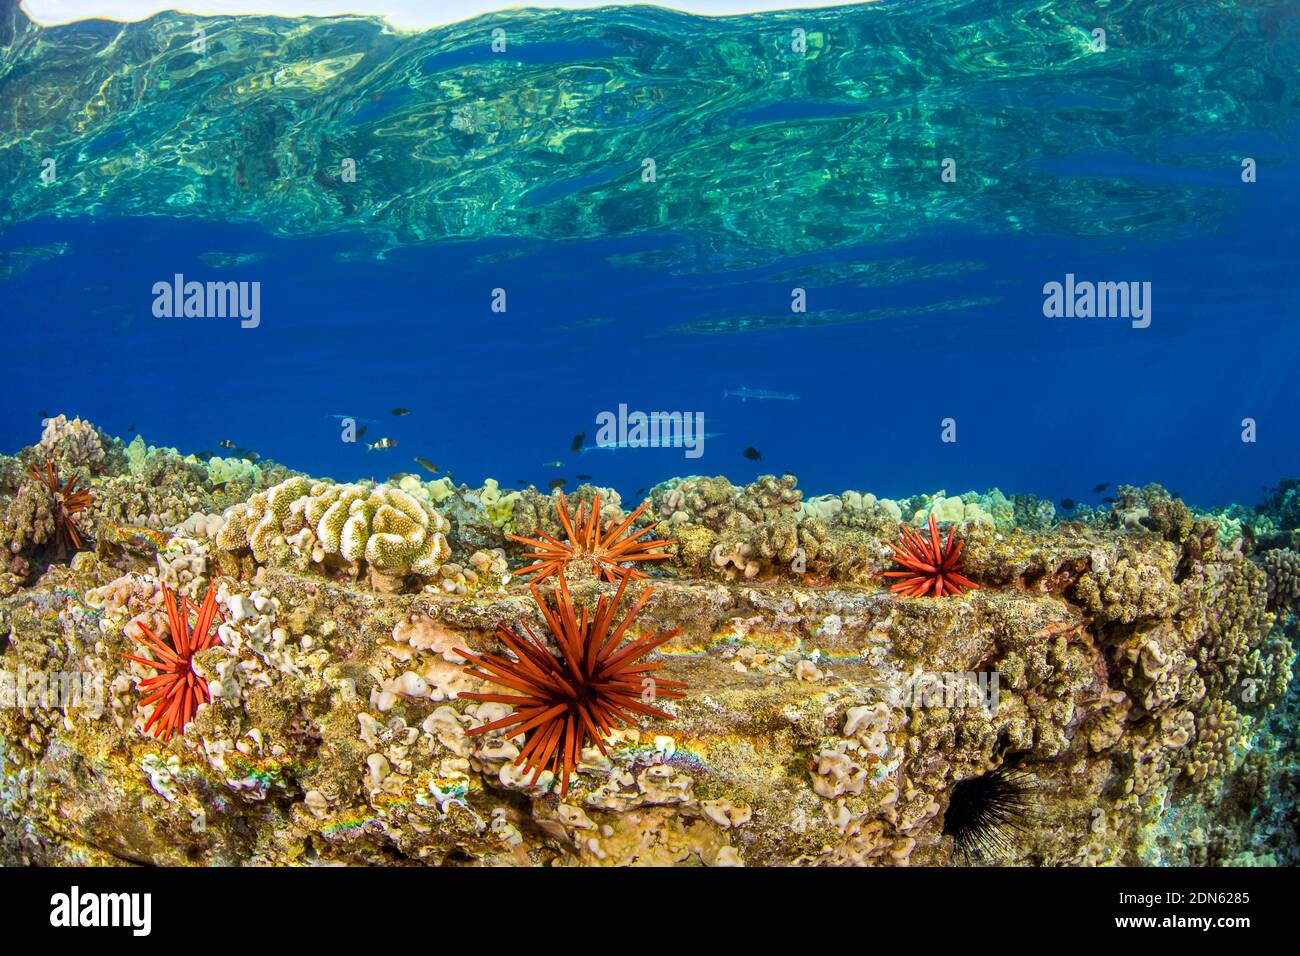 Aguja de cocodrilo, Tylosurus crocodilus, patrulla este arrecife poco profundo con erizos de mar de pizarra lápiz, Hawai. Foto de stock